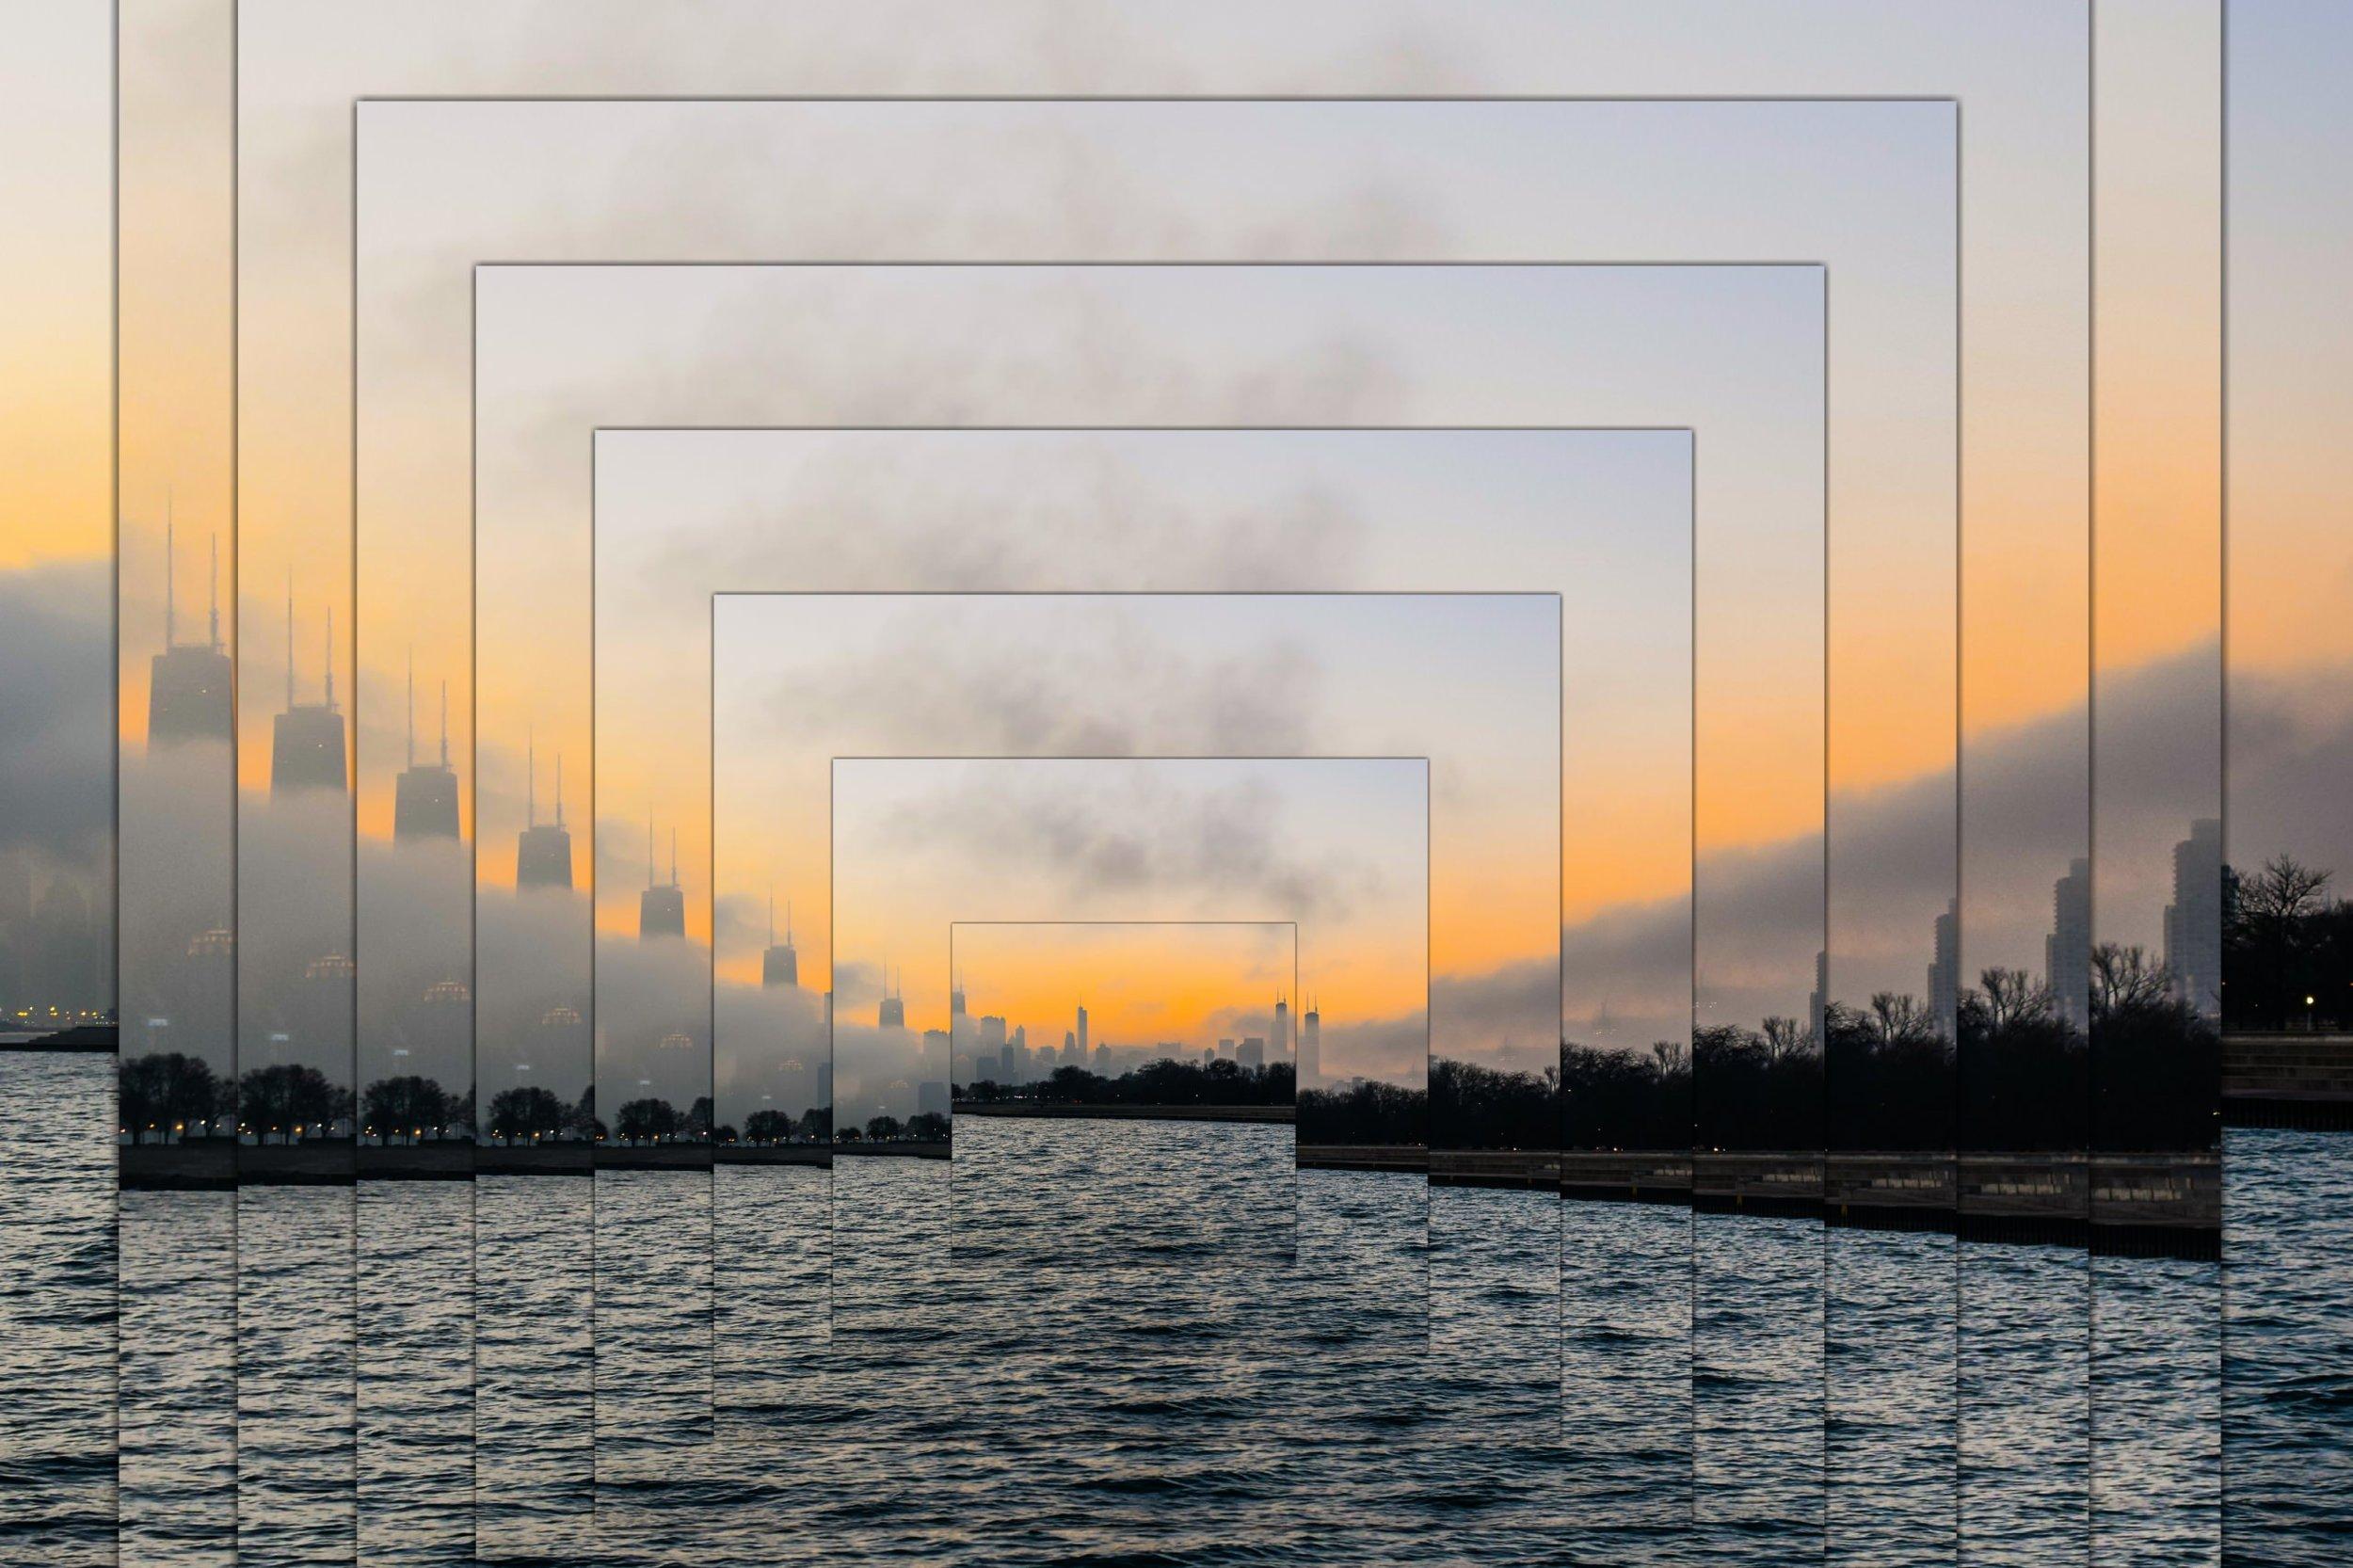 740_mirror2.jpg